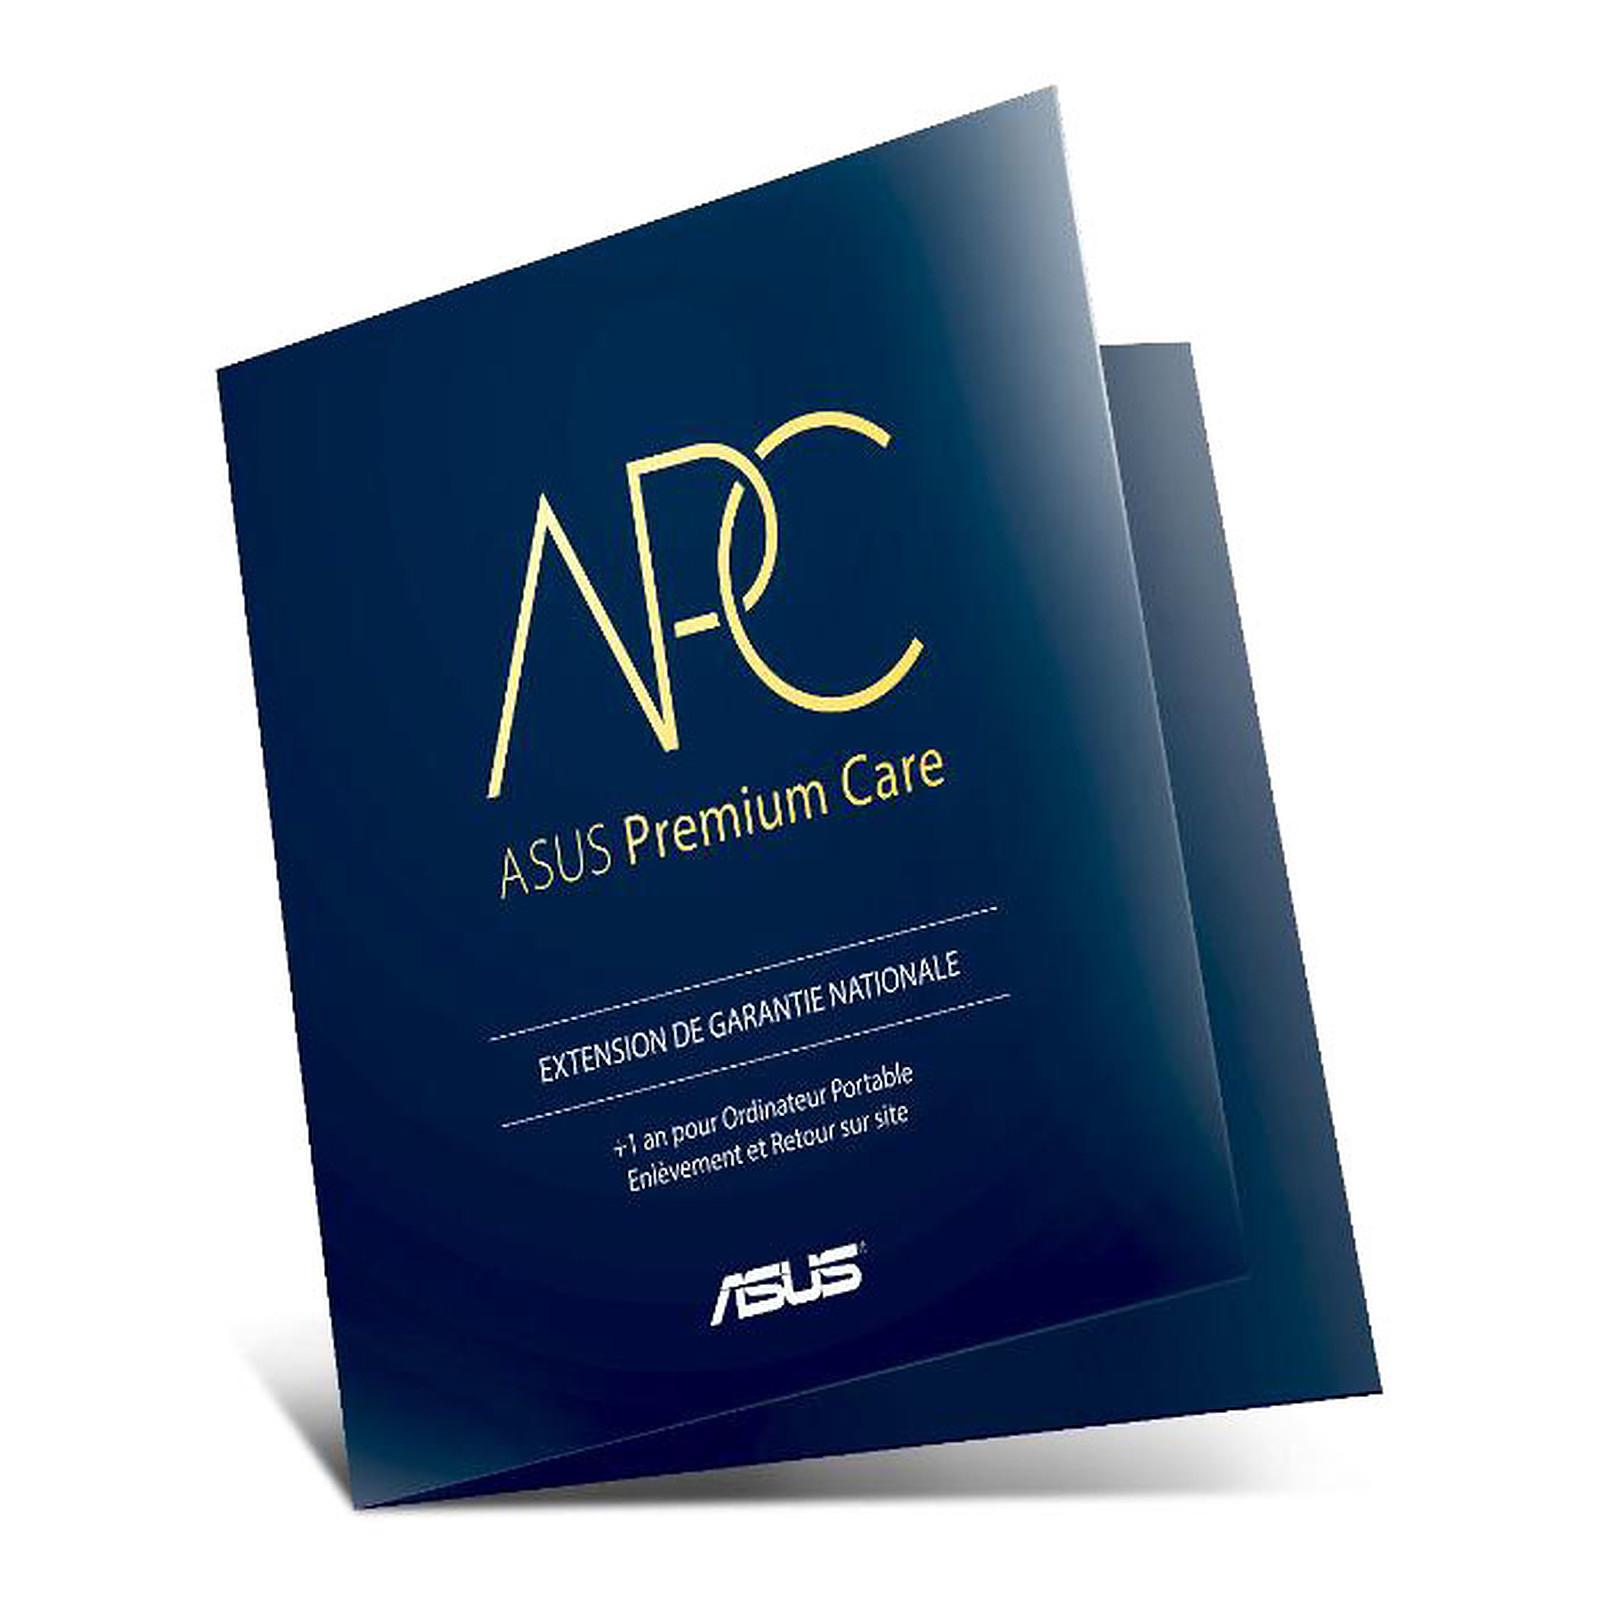 Asus Asuscare-Nbphy-Pur3 dedans Ordinateur 3 Ans